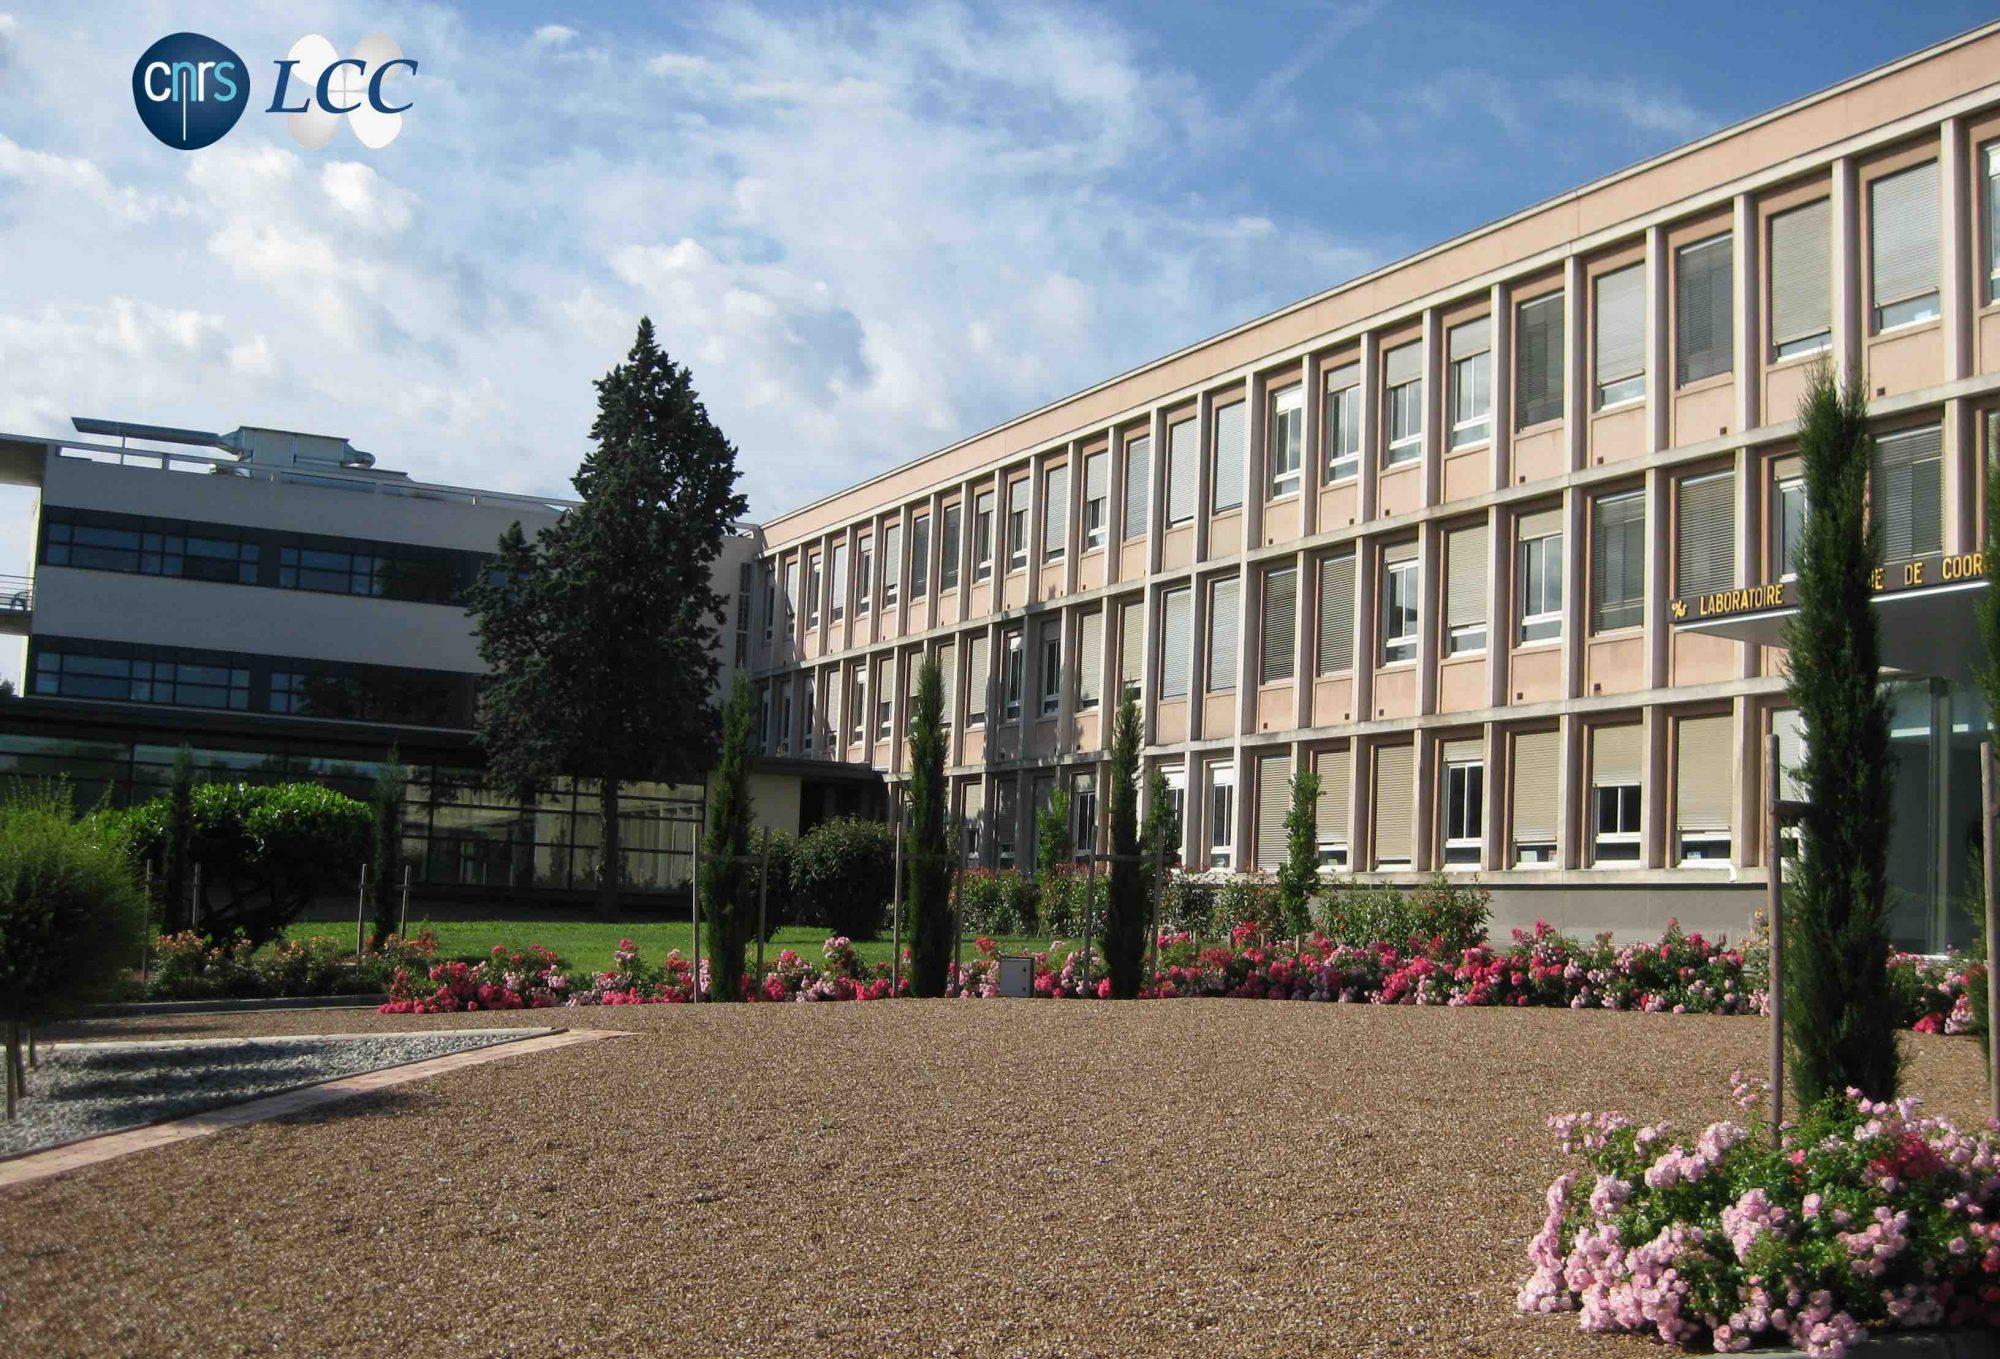 LCC CNRS - Homepages